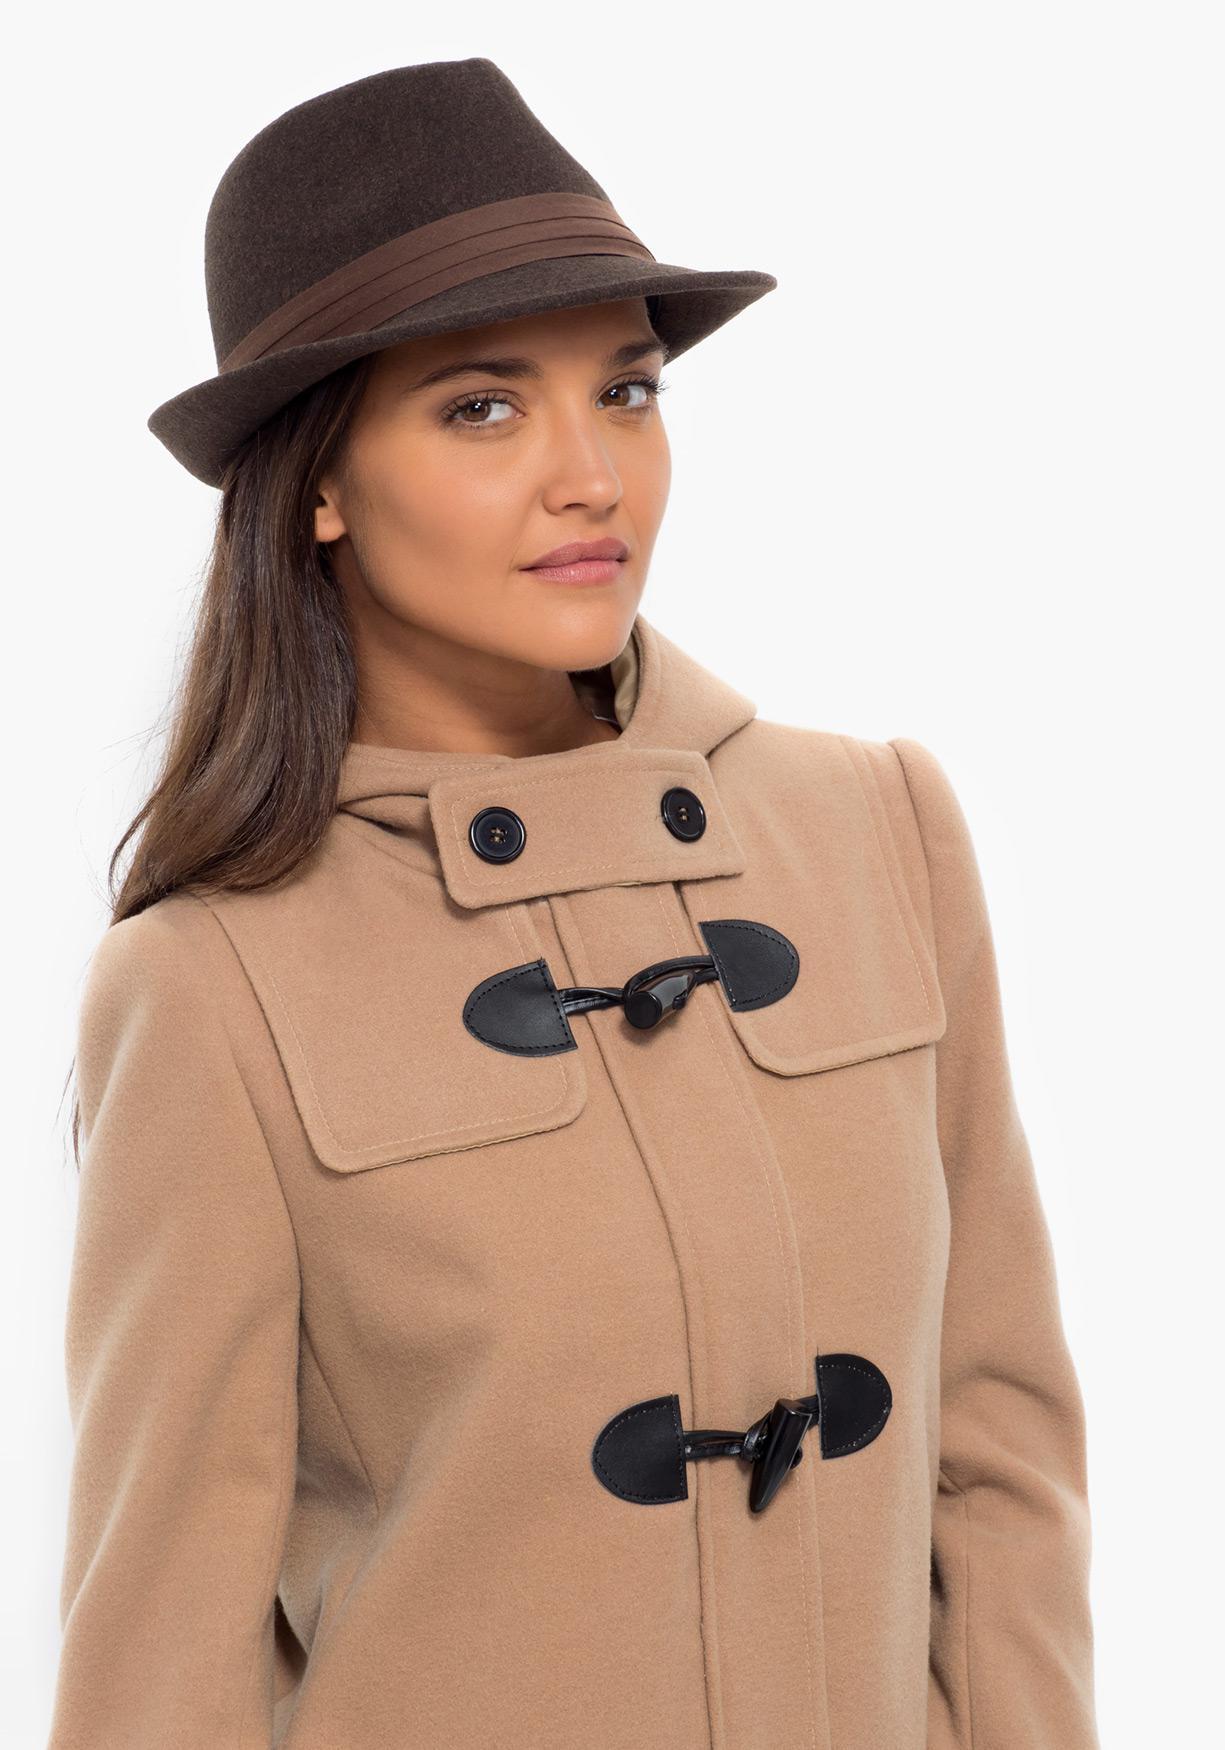 89b1b263bcf15 Comprar Sombrero Borsalino Básico. ¡Aprovéchate de nuestros precios ...